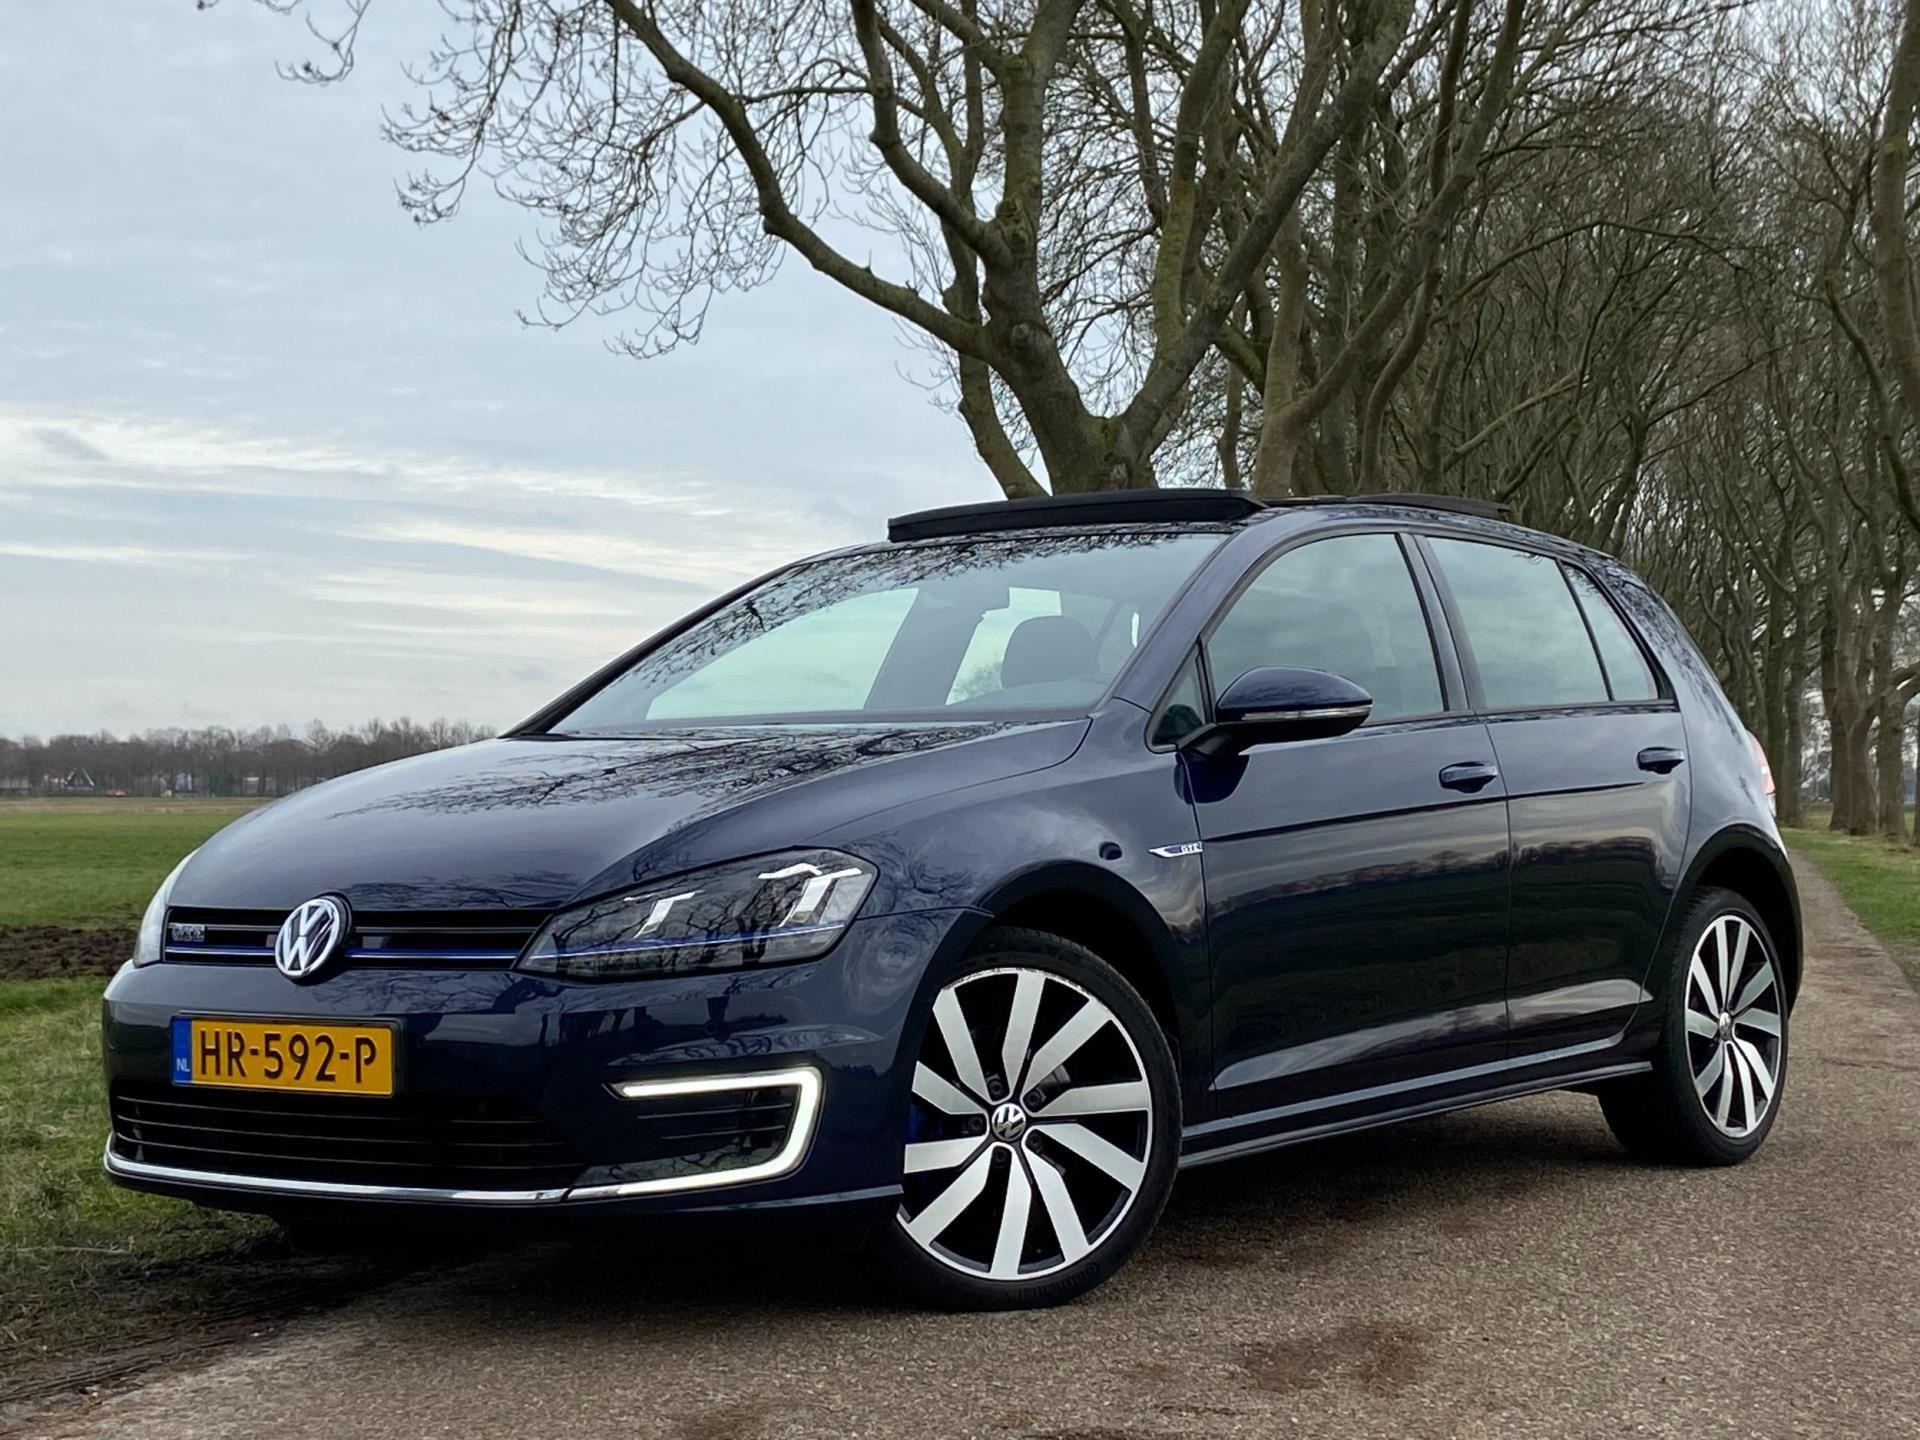 Volkswagen Golf occasion - Autobedrijf Tromp v.o.f.